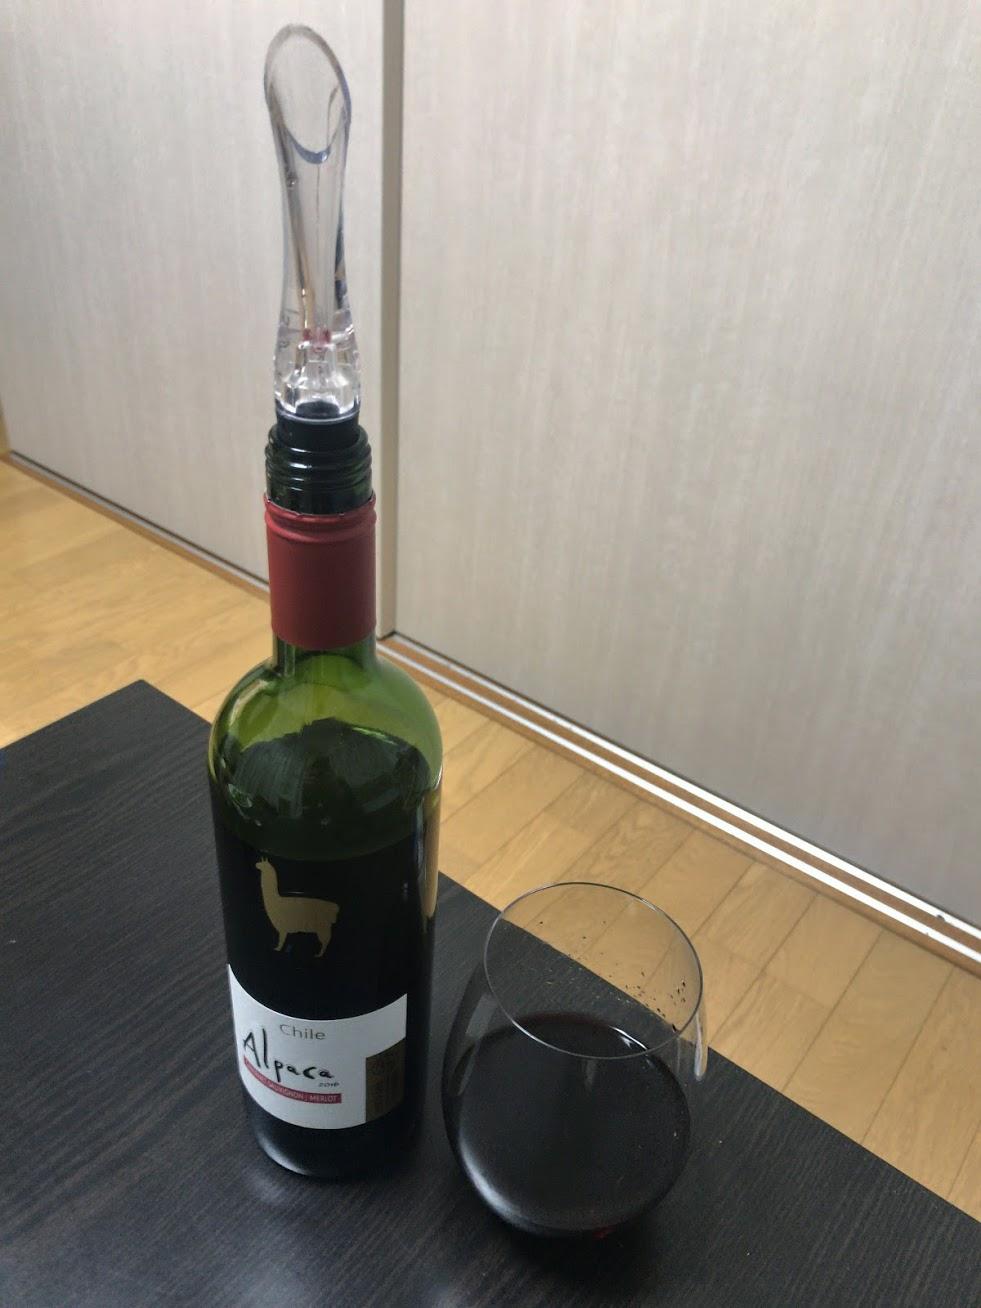 家で安い赤ワインを美味しく飲む方法 ポアラーとグラスを買いました